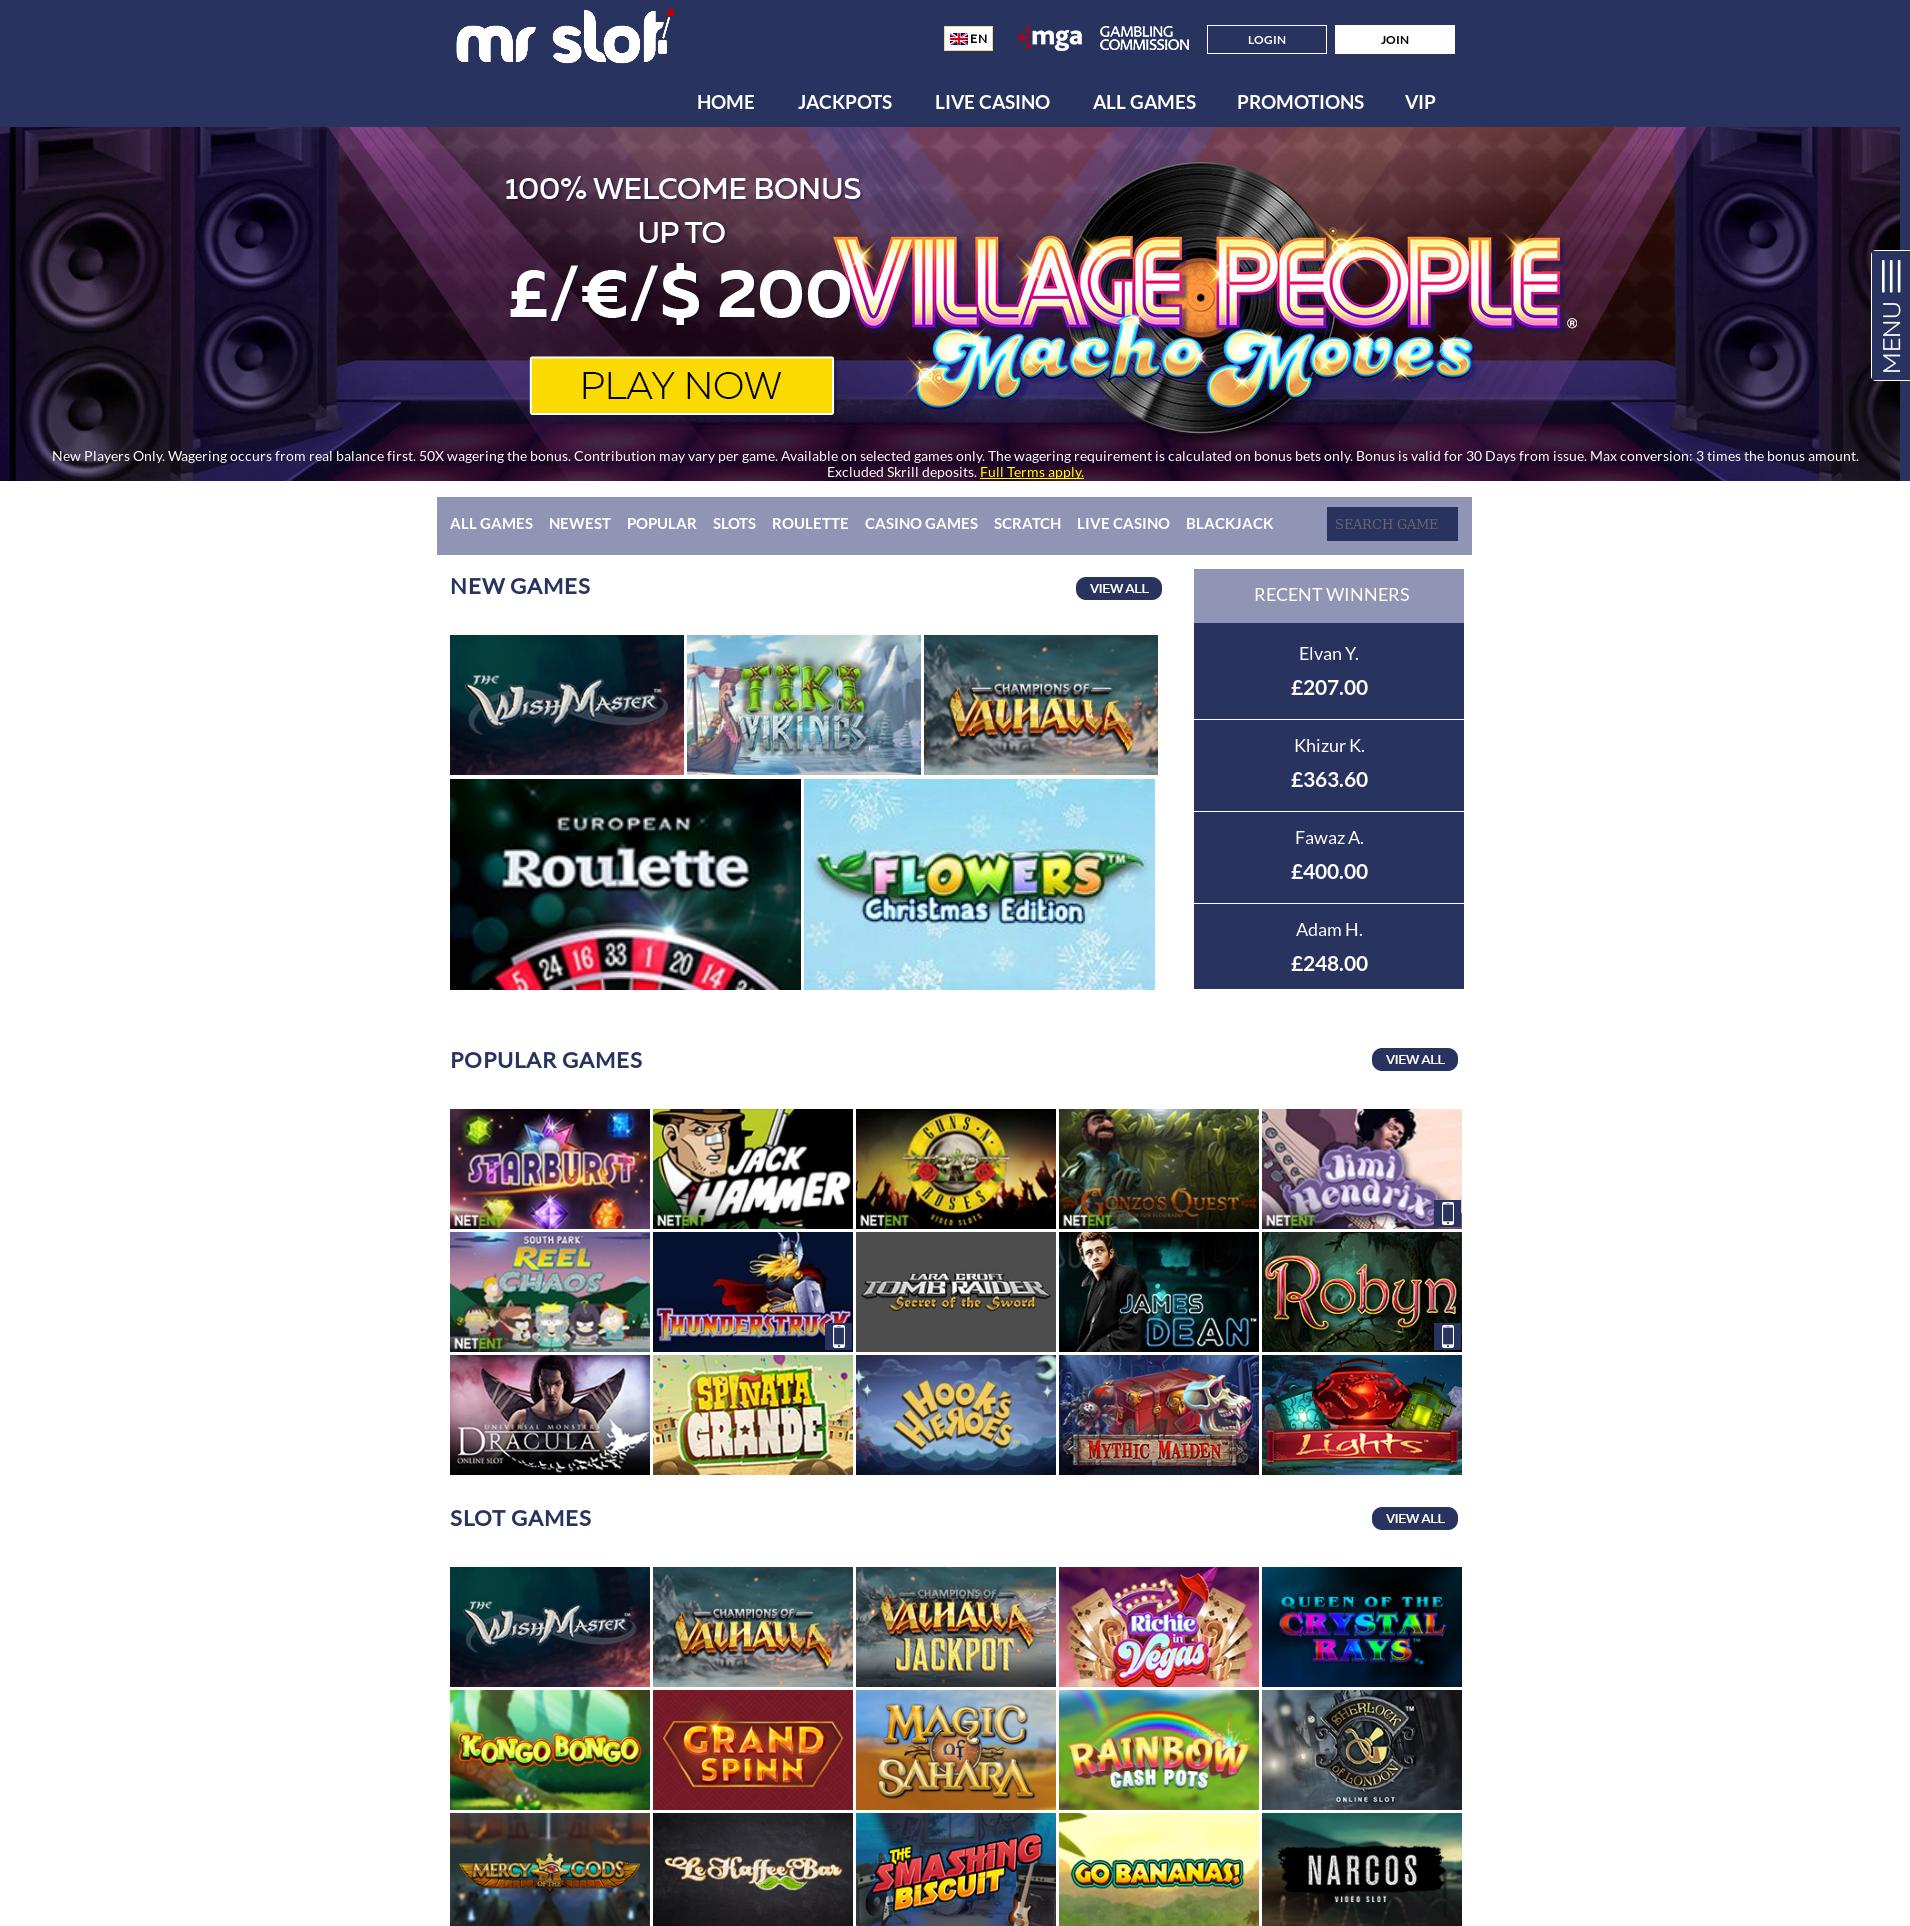 More gold diggin описание игрового автомата